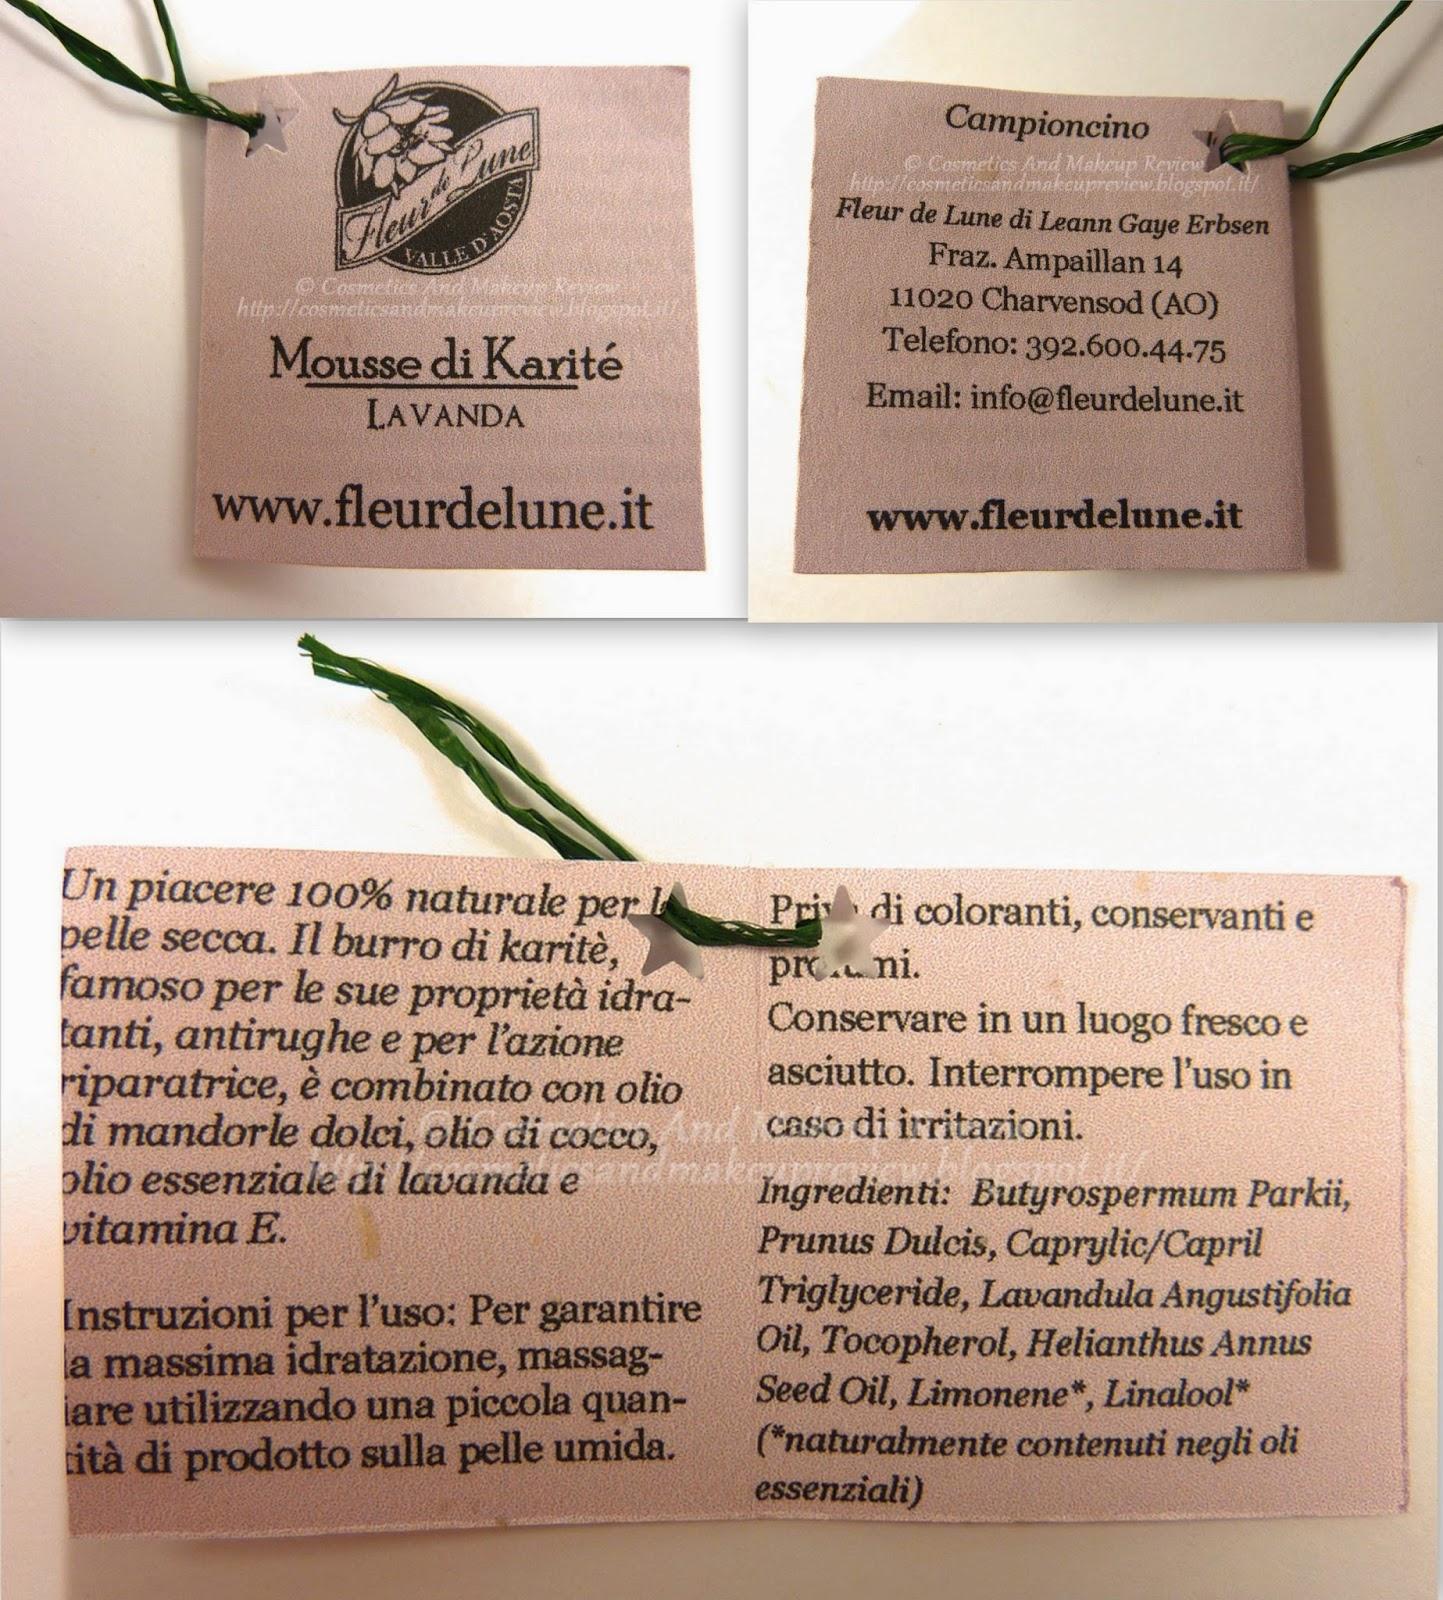 Fleur de Lune - Mousse di Karité alla Lavanda - etichetta